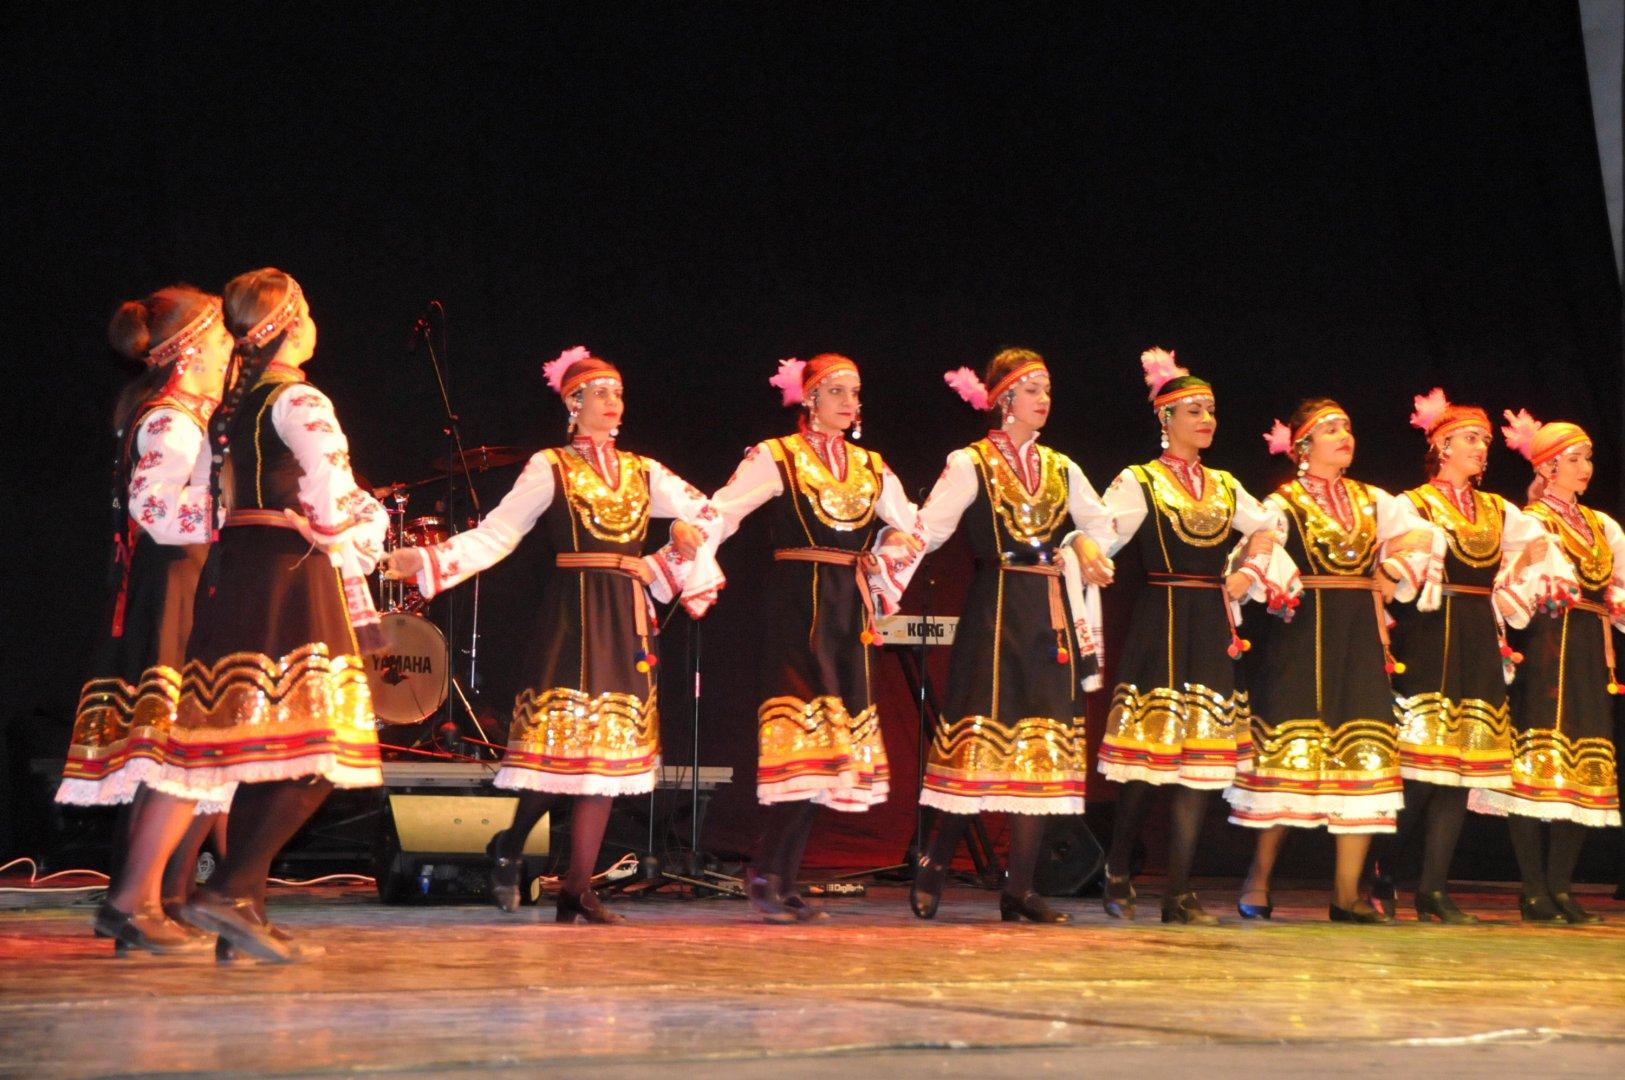 """С изпълнение на танцов ансамбъл """"Здравец"""" отКамено започна благотворителния концерт. Снимки Лина Главинова"""